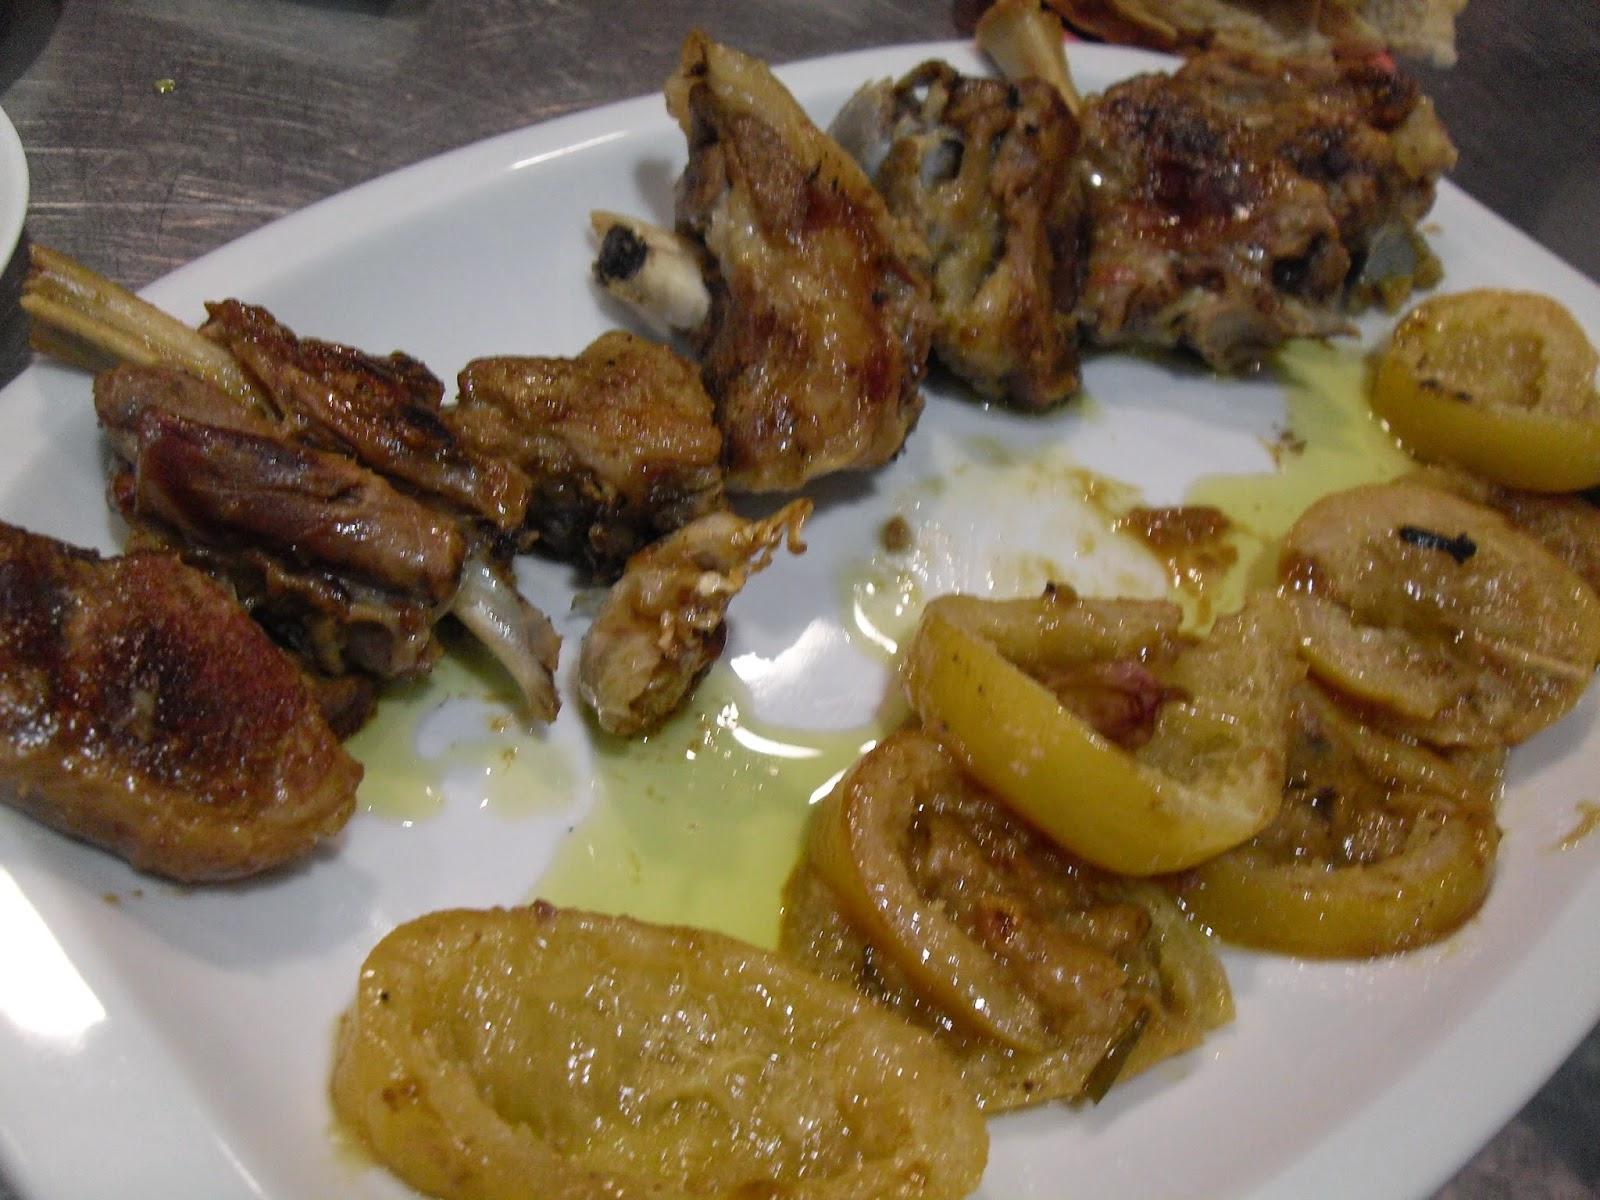 Receta de Tajine de cordero con limones confitados  de Montse Estruch